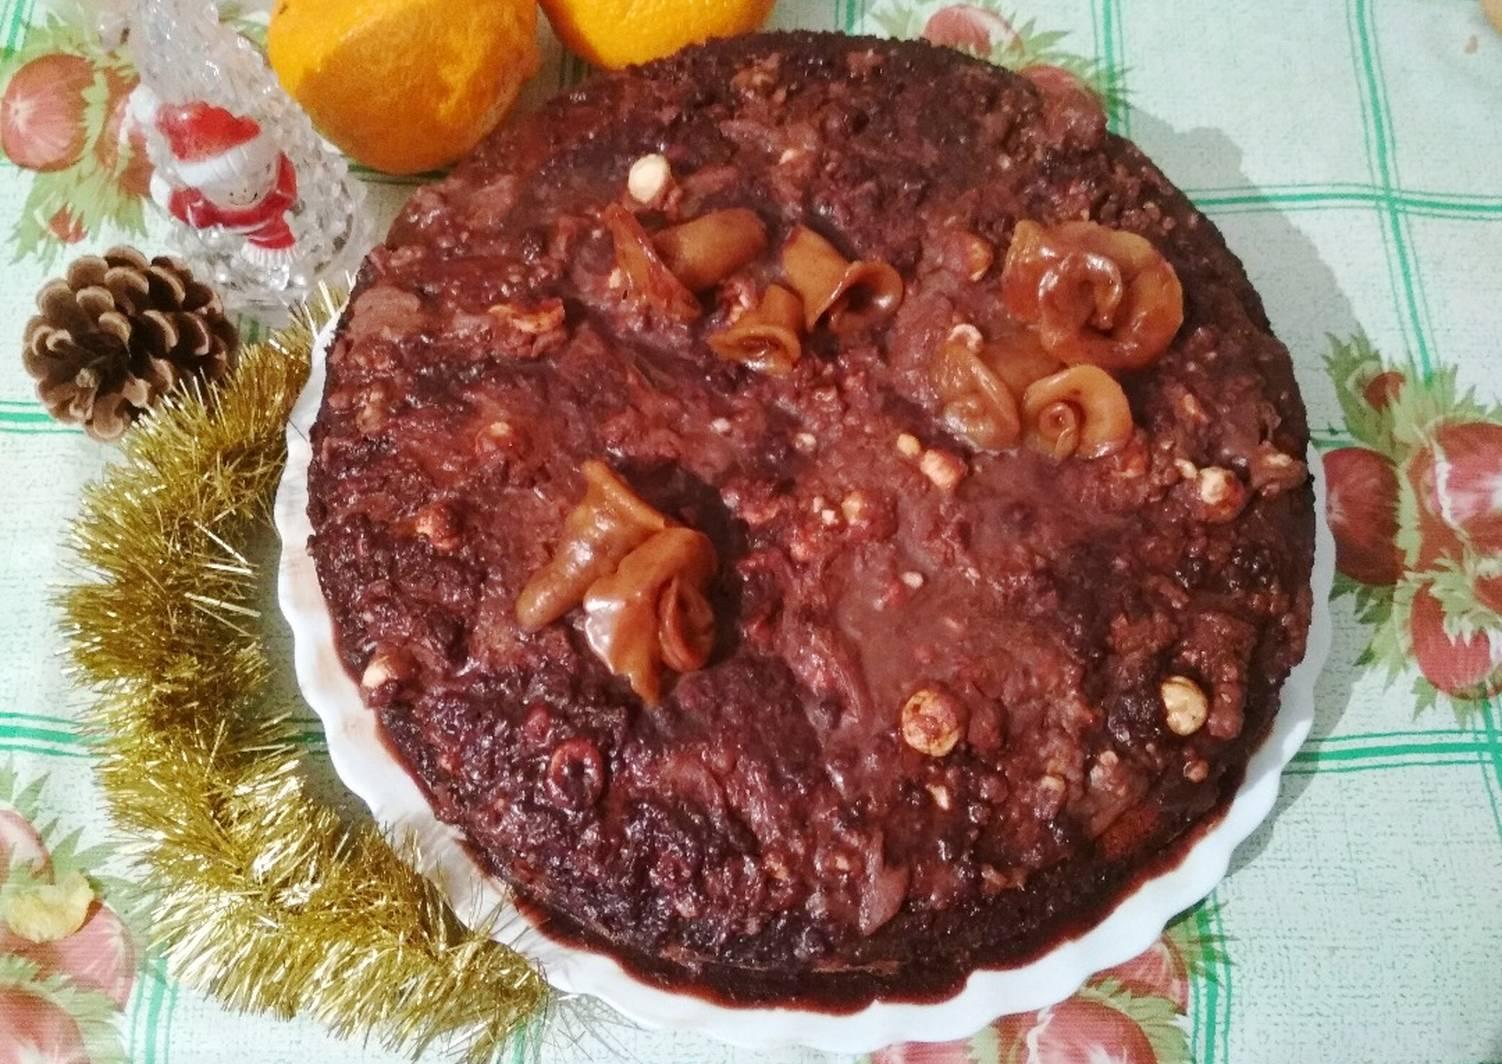 том, торт танюша рецепт с фото обширное семейство различающихся